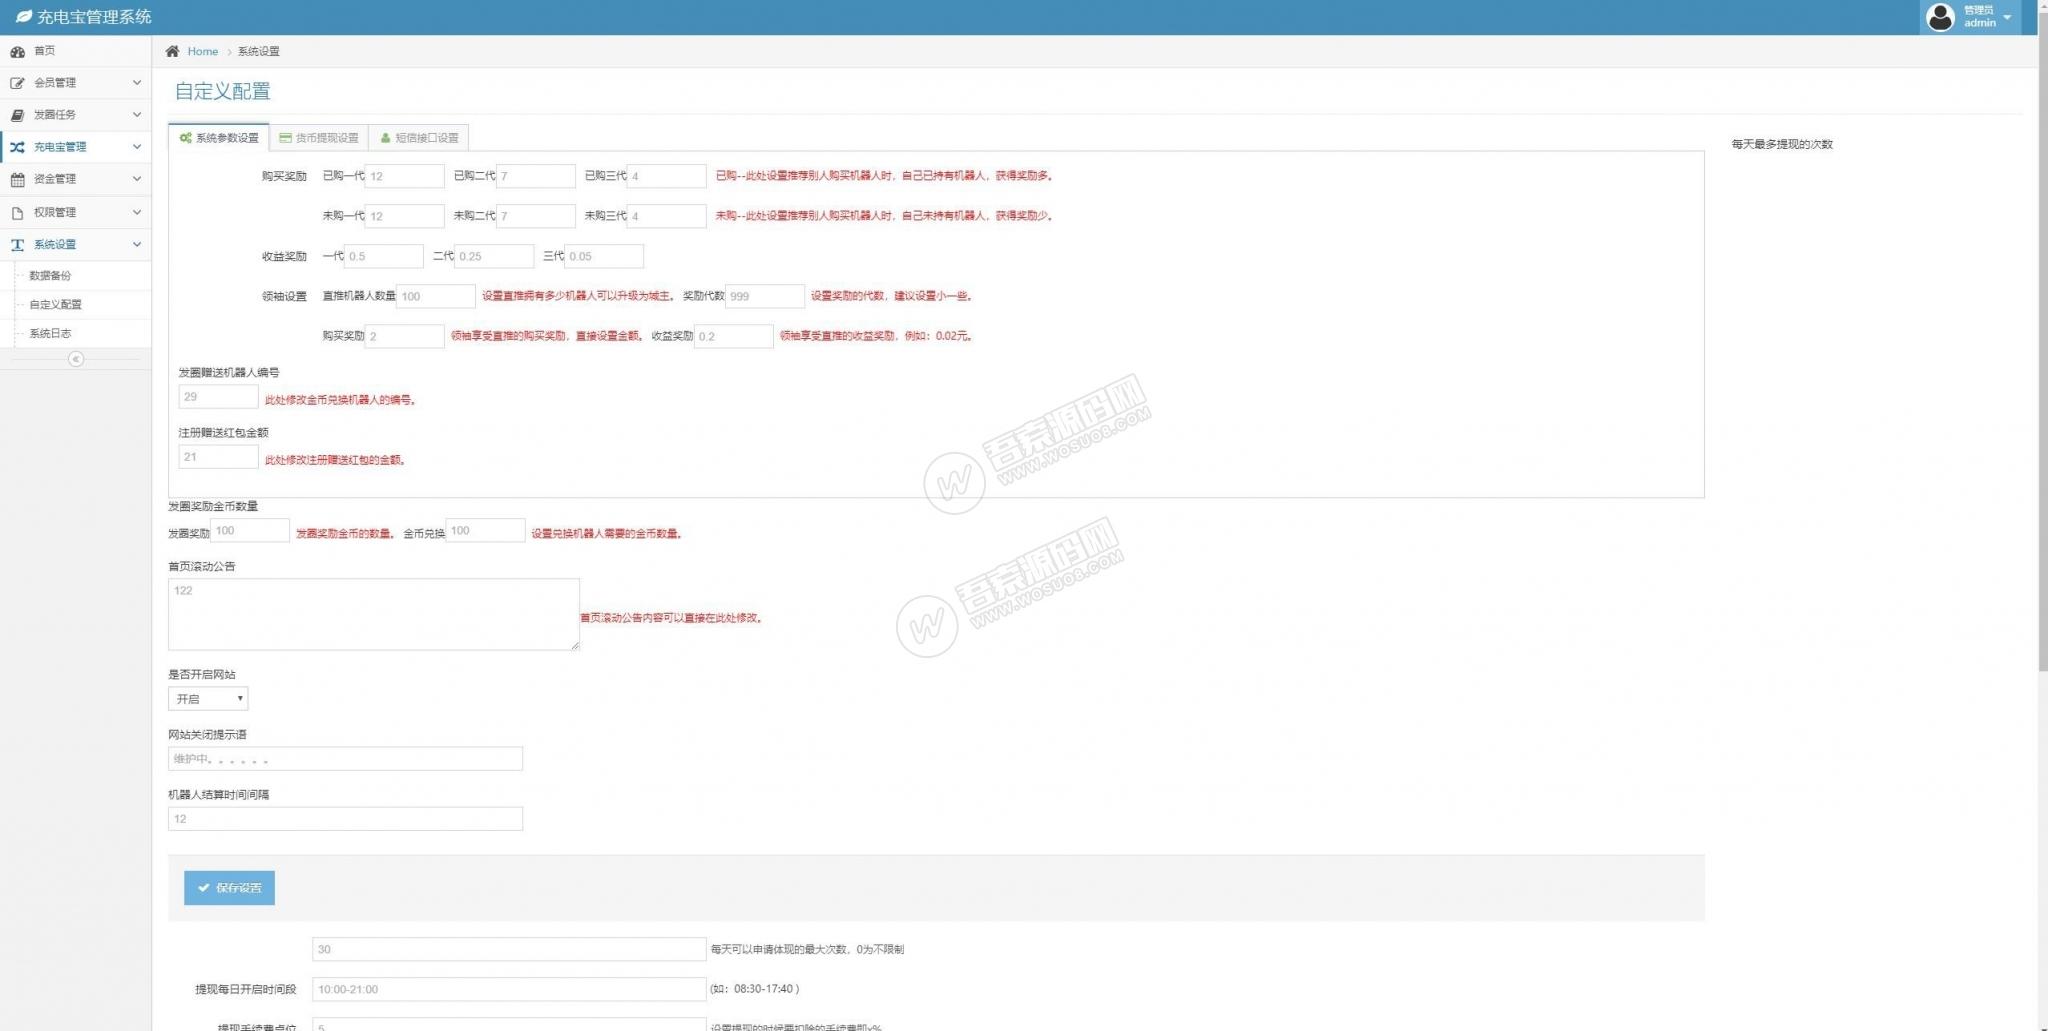 最新第二版共享充电宝街电衔电云矿机挖矿区块链项目网站源码(对接个人免签支付通道)